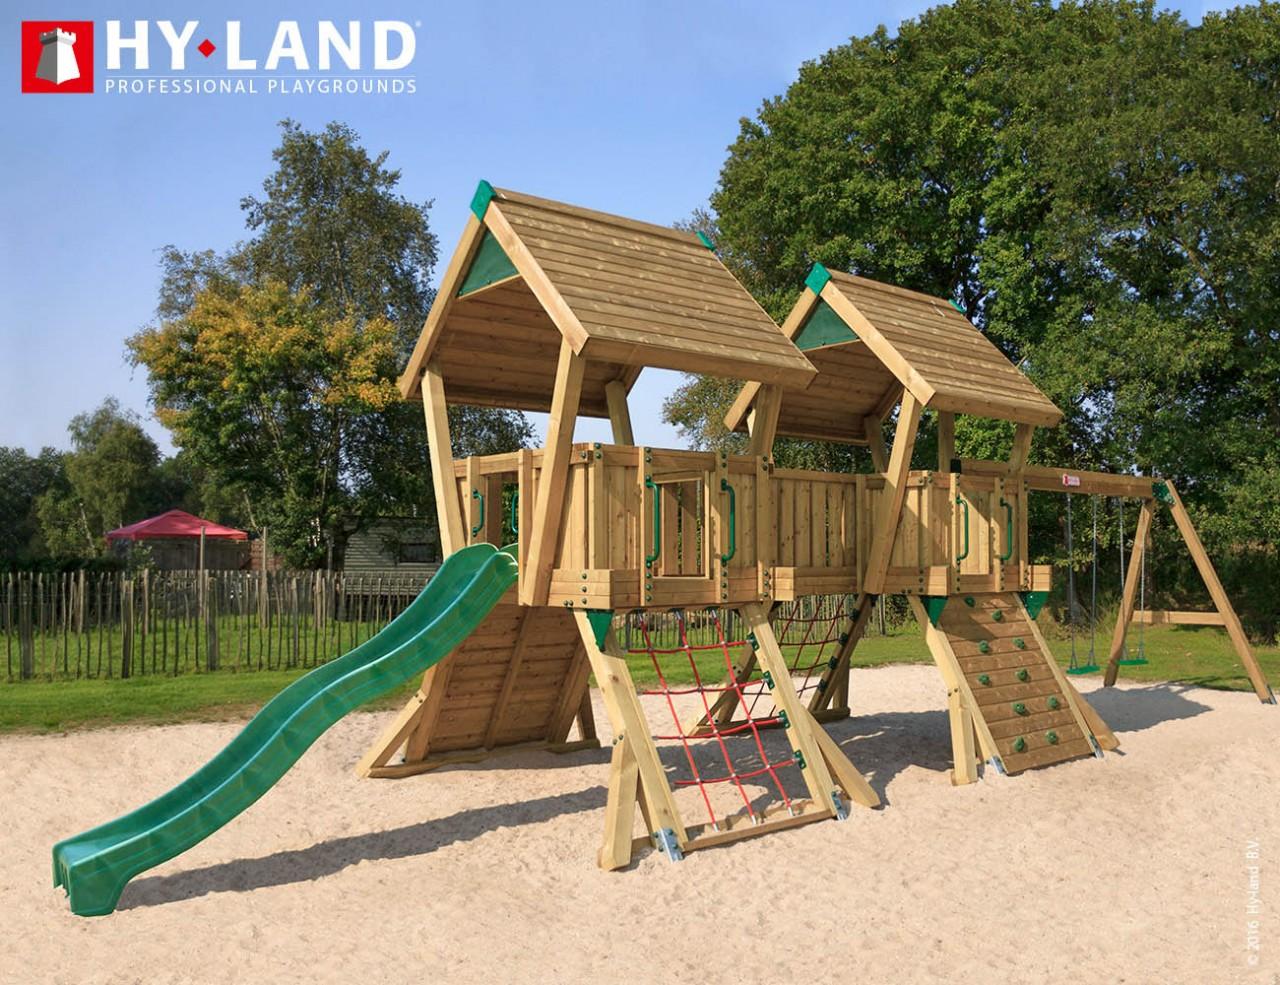 Spielturm Hy-Land Q4-S in Douglasie